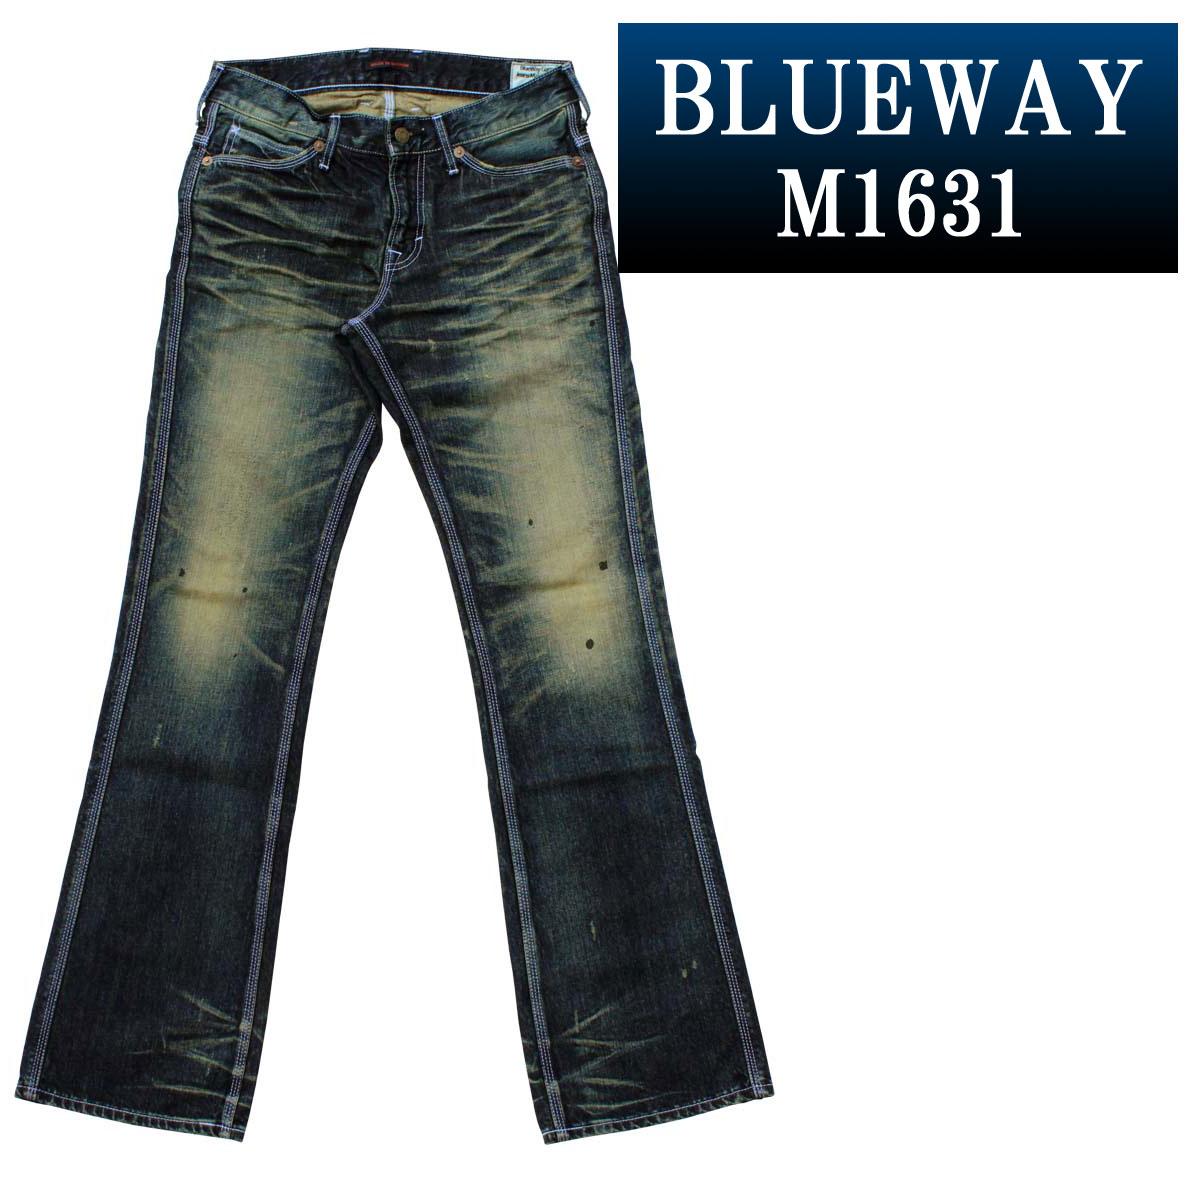 ブーツカットジーンズ;BLUEWAY:ビンテージデニム・エンジニア フレアカットジーンズ(モーターサイクル):M1631-6155 ブルーウェイ ジーンズ ブーツカット メンズ デニム 裾上げ